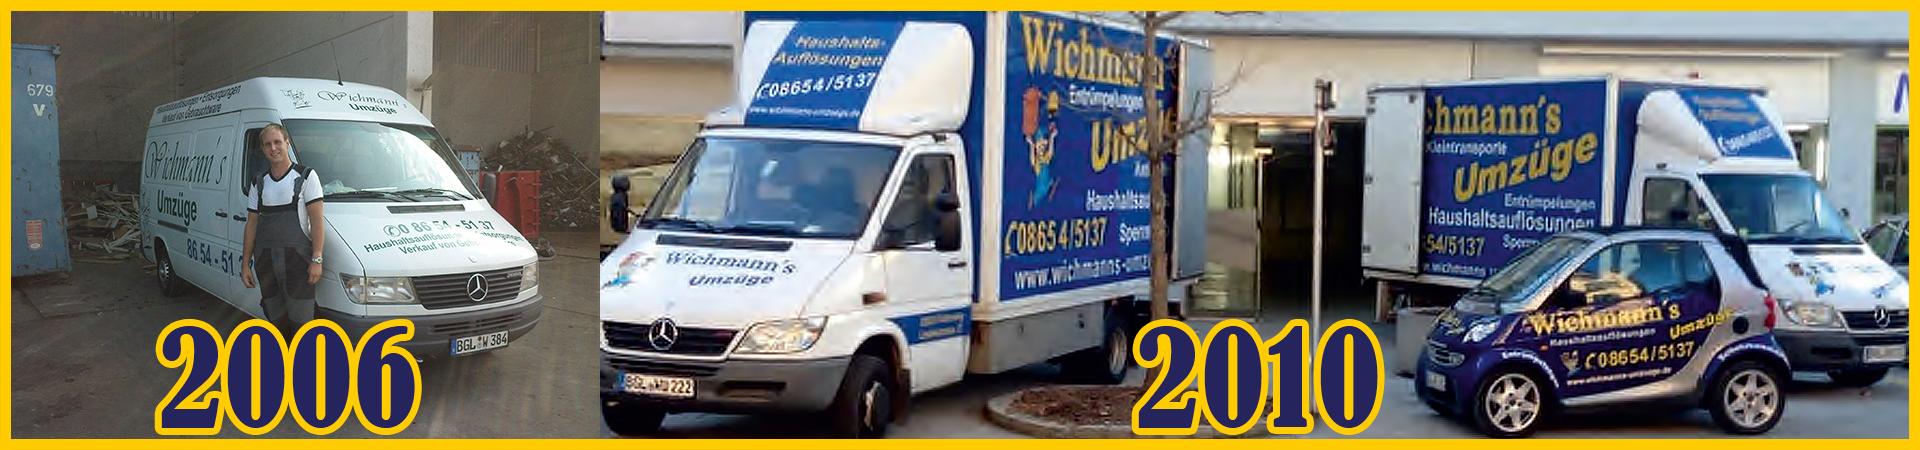 Wichmanns Umzuege Banner